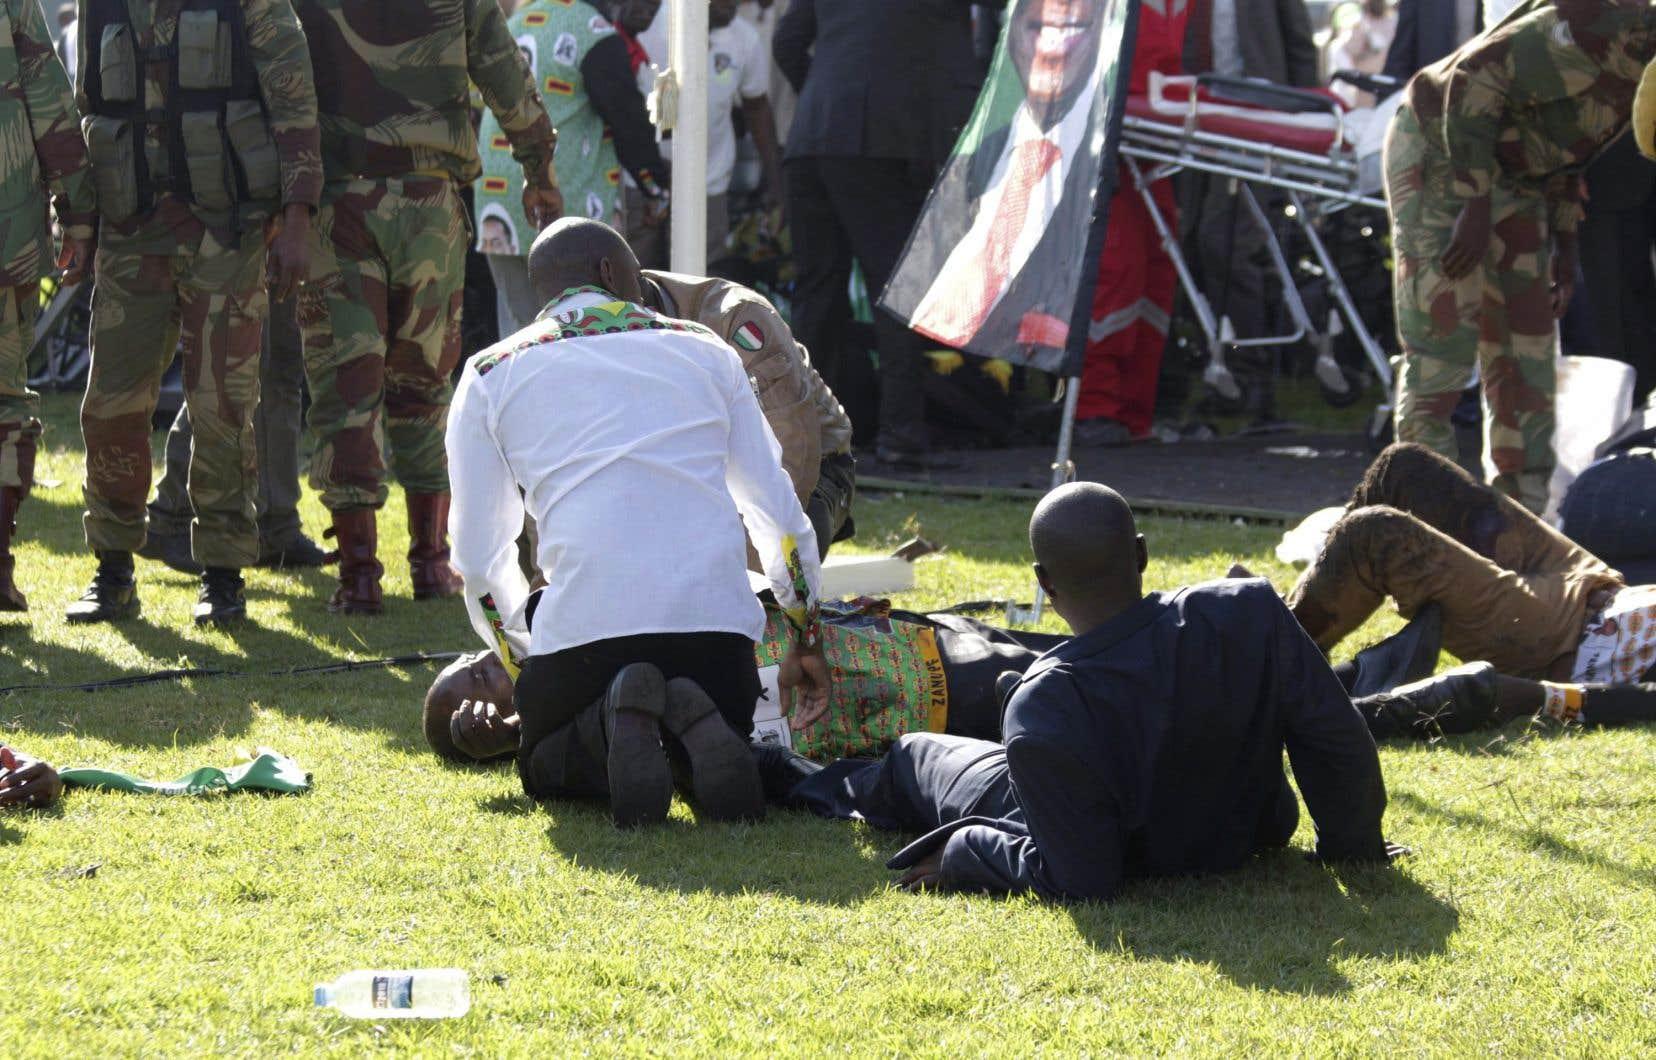 Des personnes blessées reçoivent des soins d'urgence à la suite de l'explosion survenue dans unstade de la ville de Bulawayo, samedi.